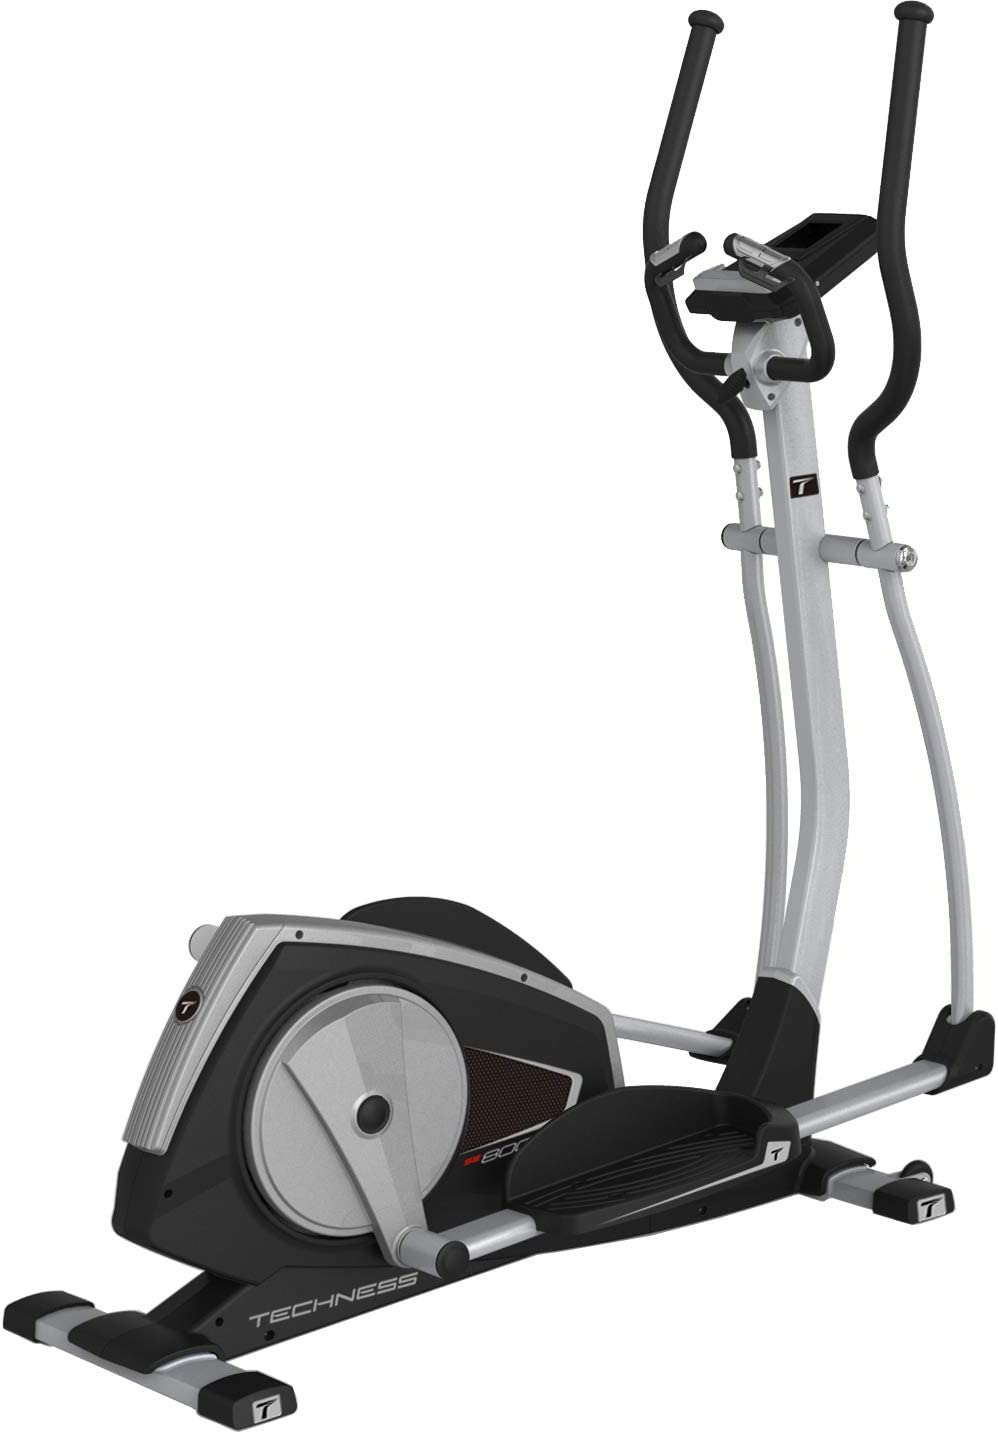 Bicicleta Elíptica Techness SE 800 MP3 2015: Amazon.es: Deportes y ...